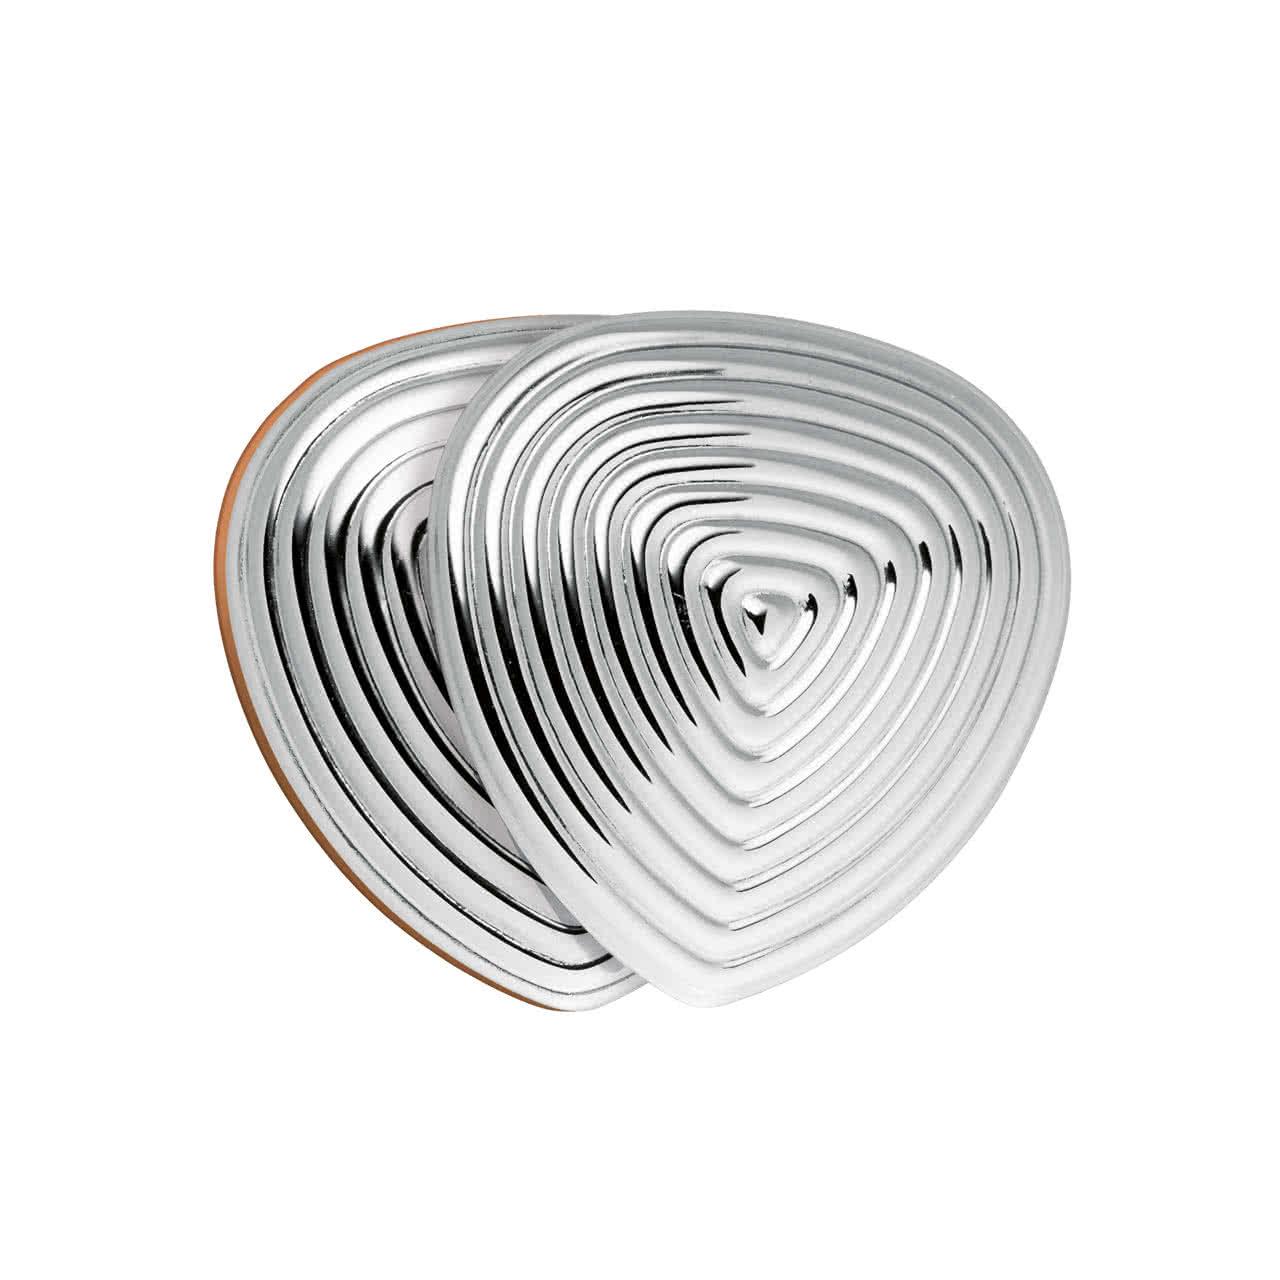 Kraftamp; Power Energie Von Herzen Magnetix Für m0nw8N